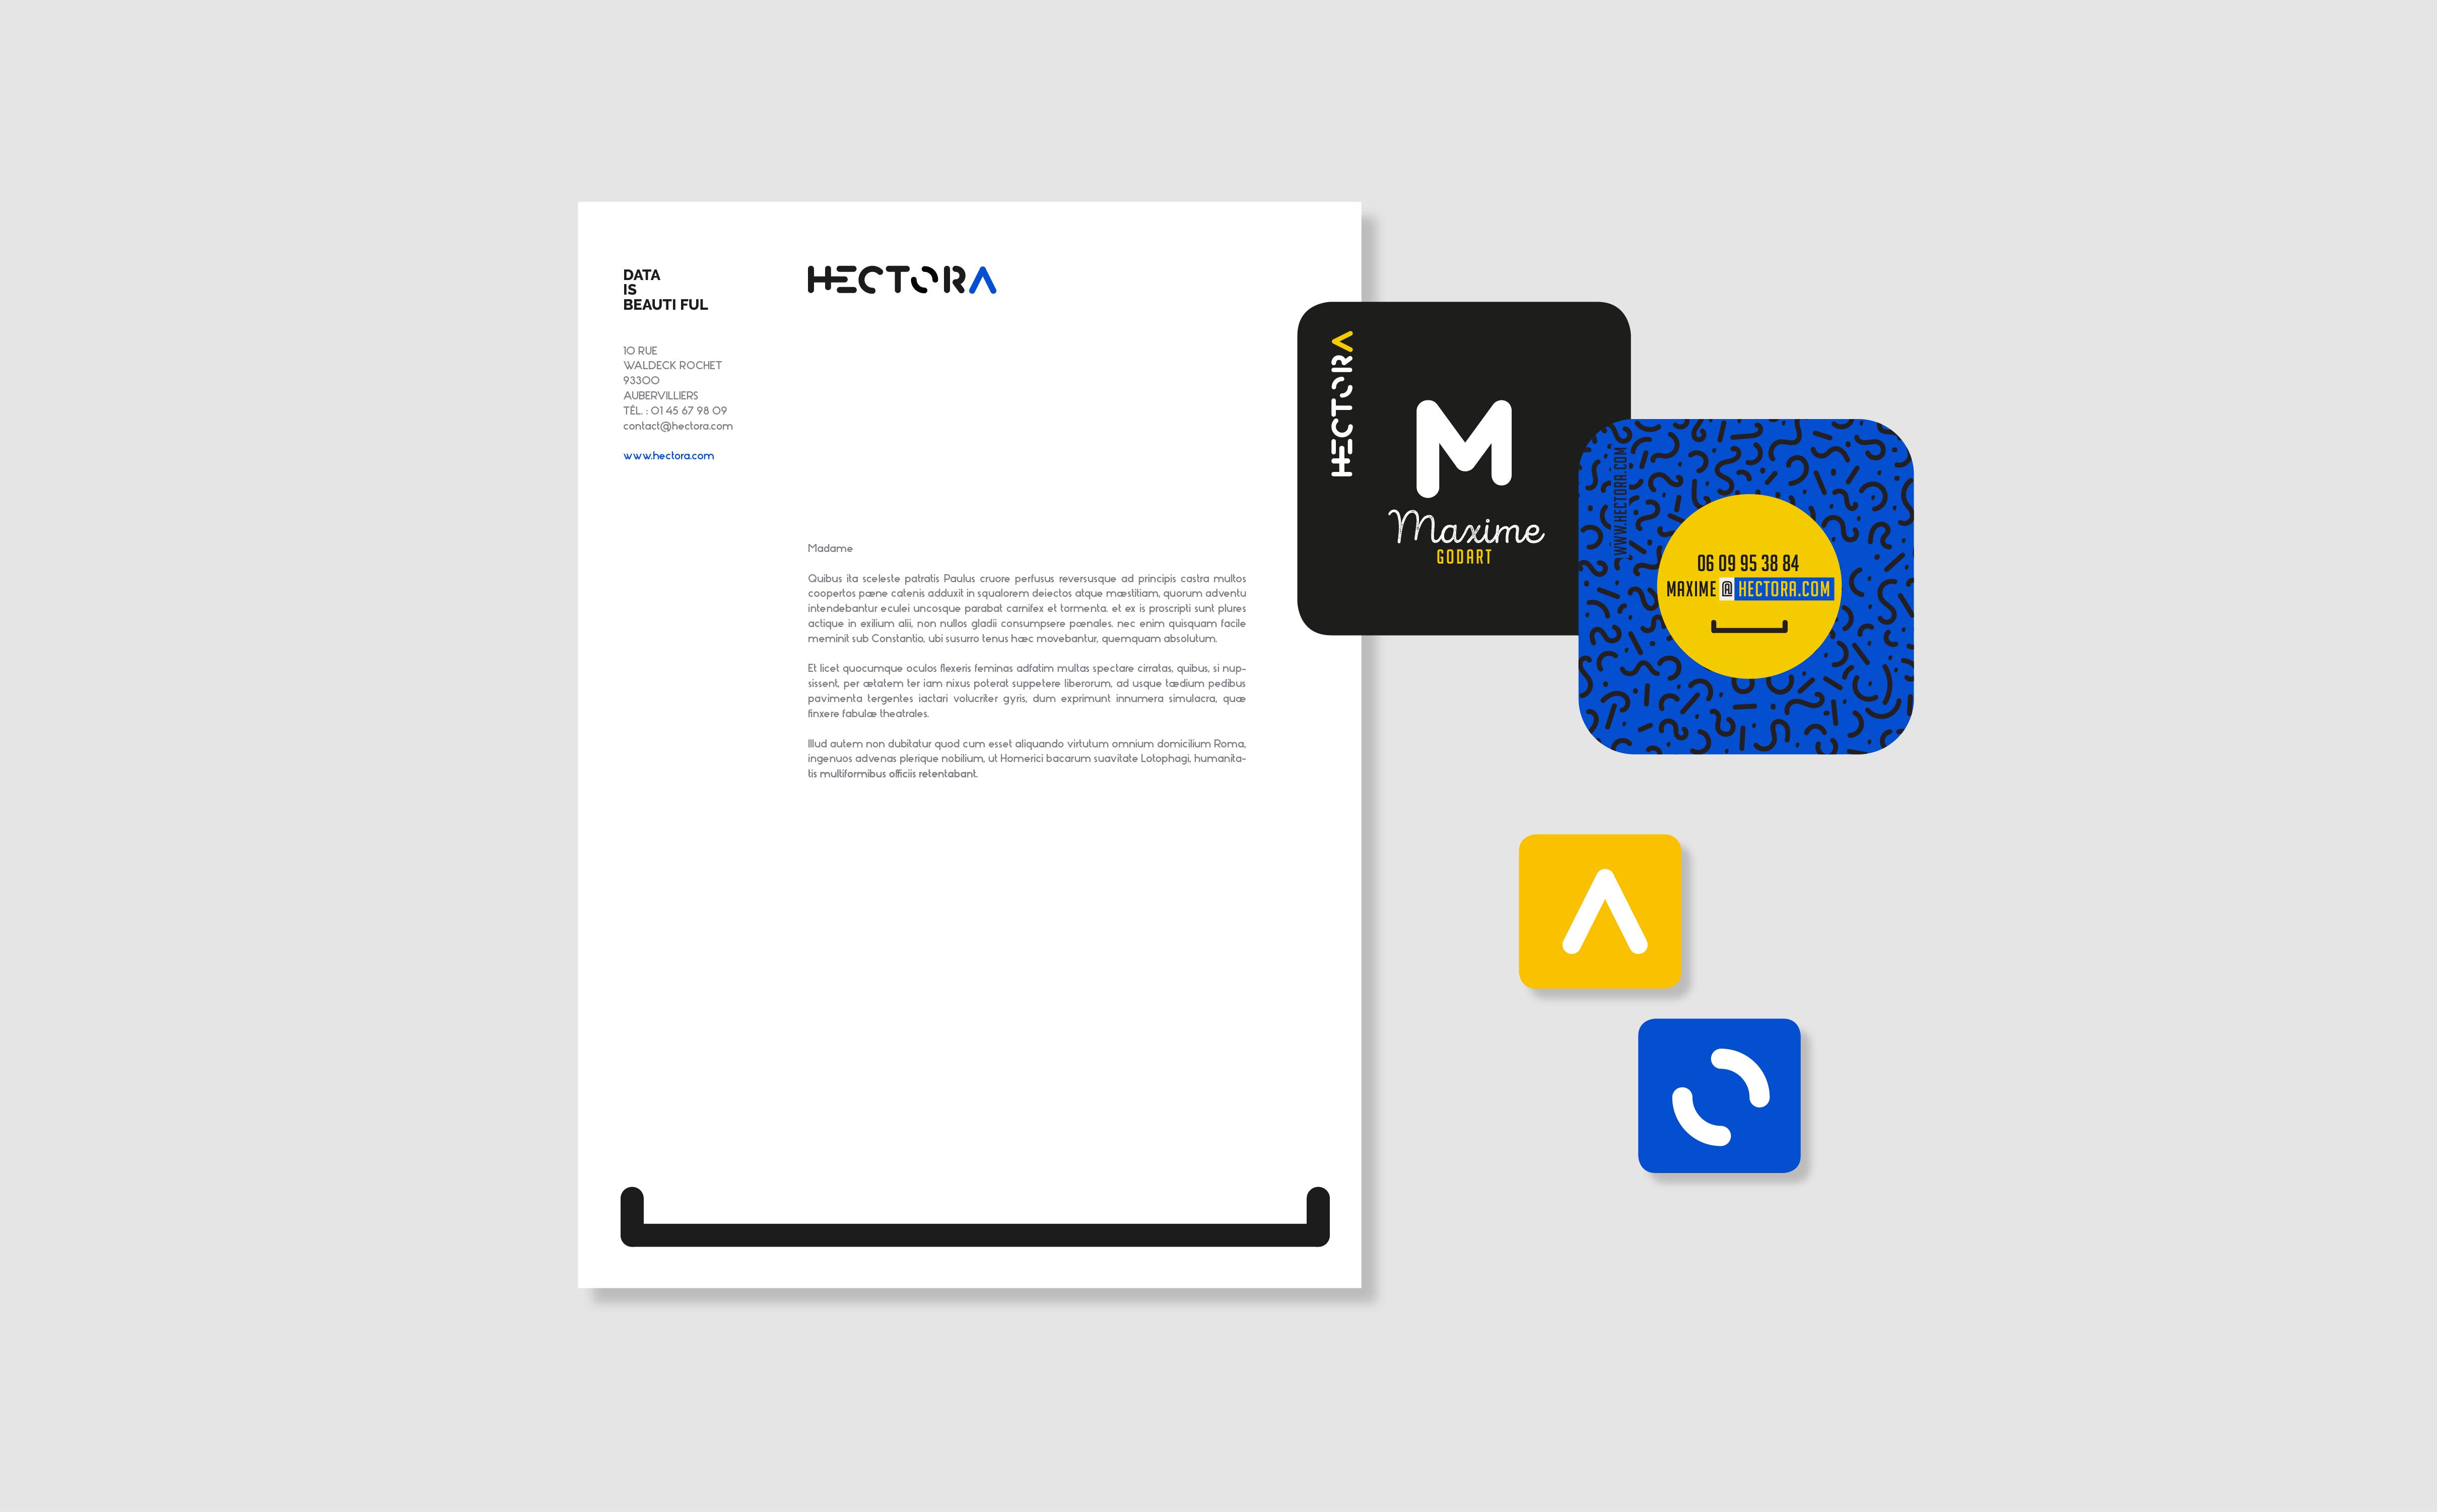 HECTORA_MOCKUP-06